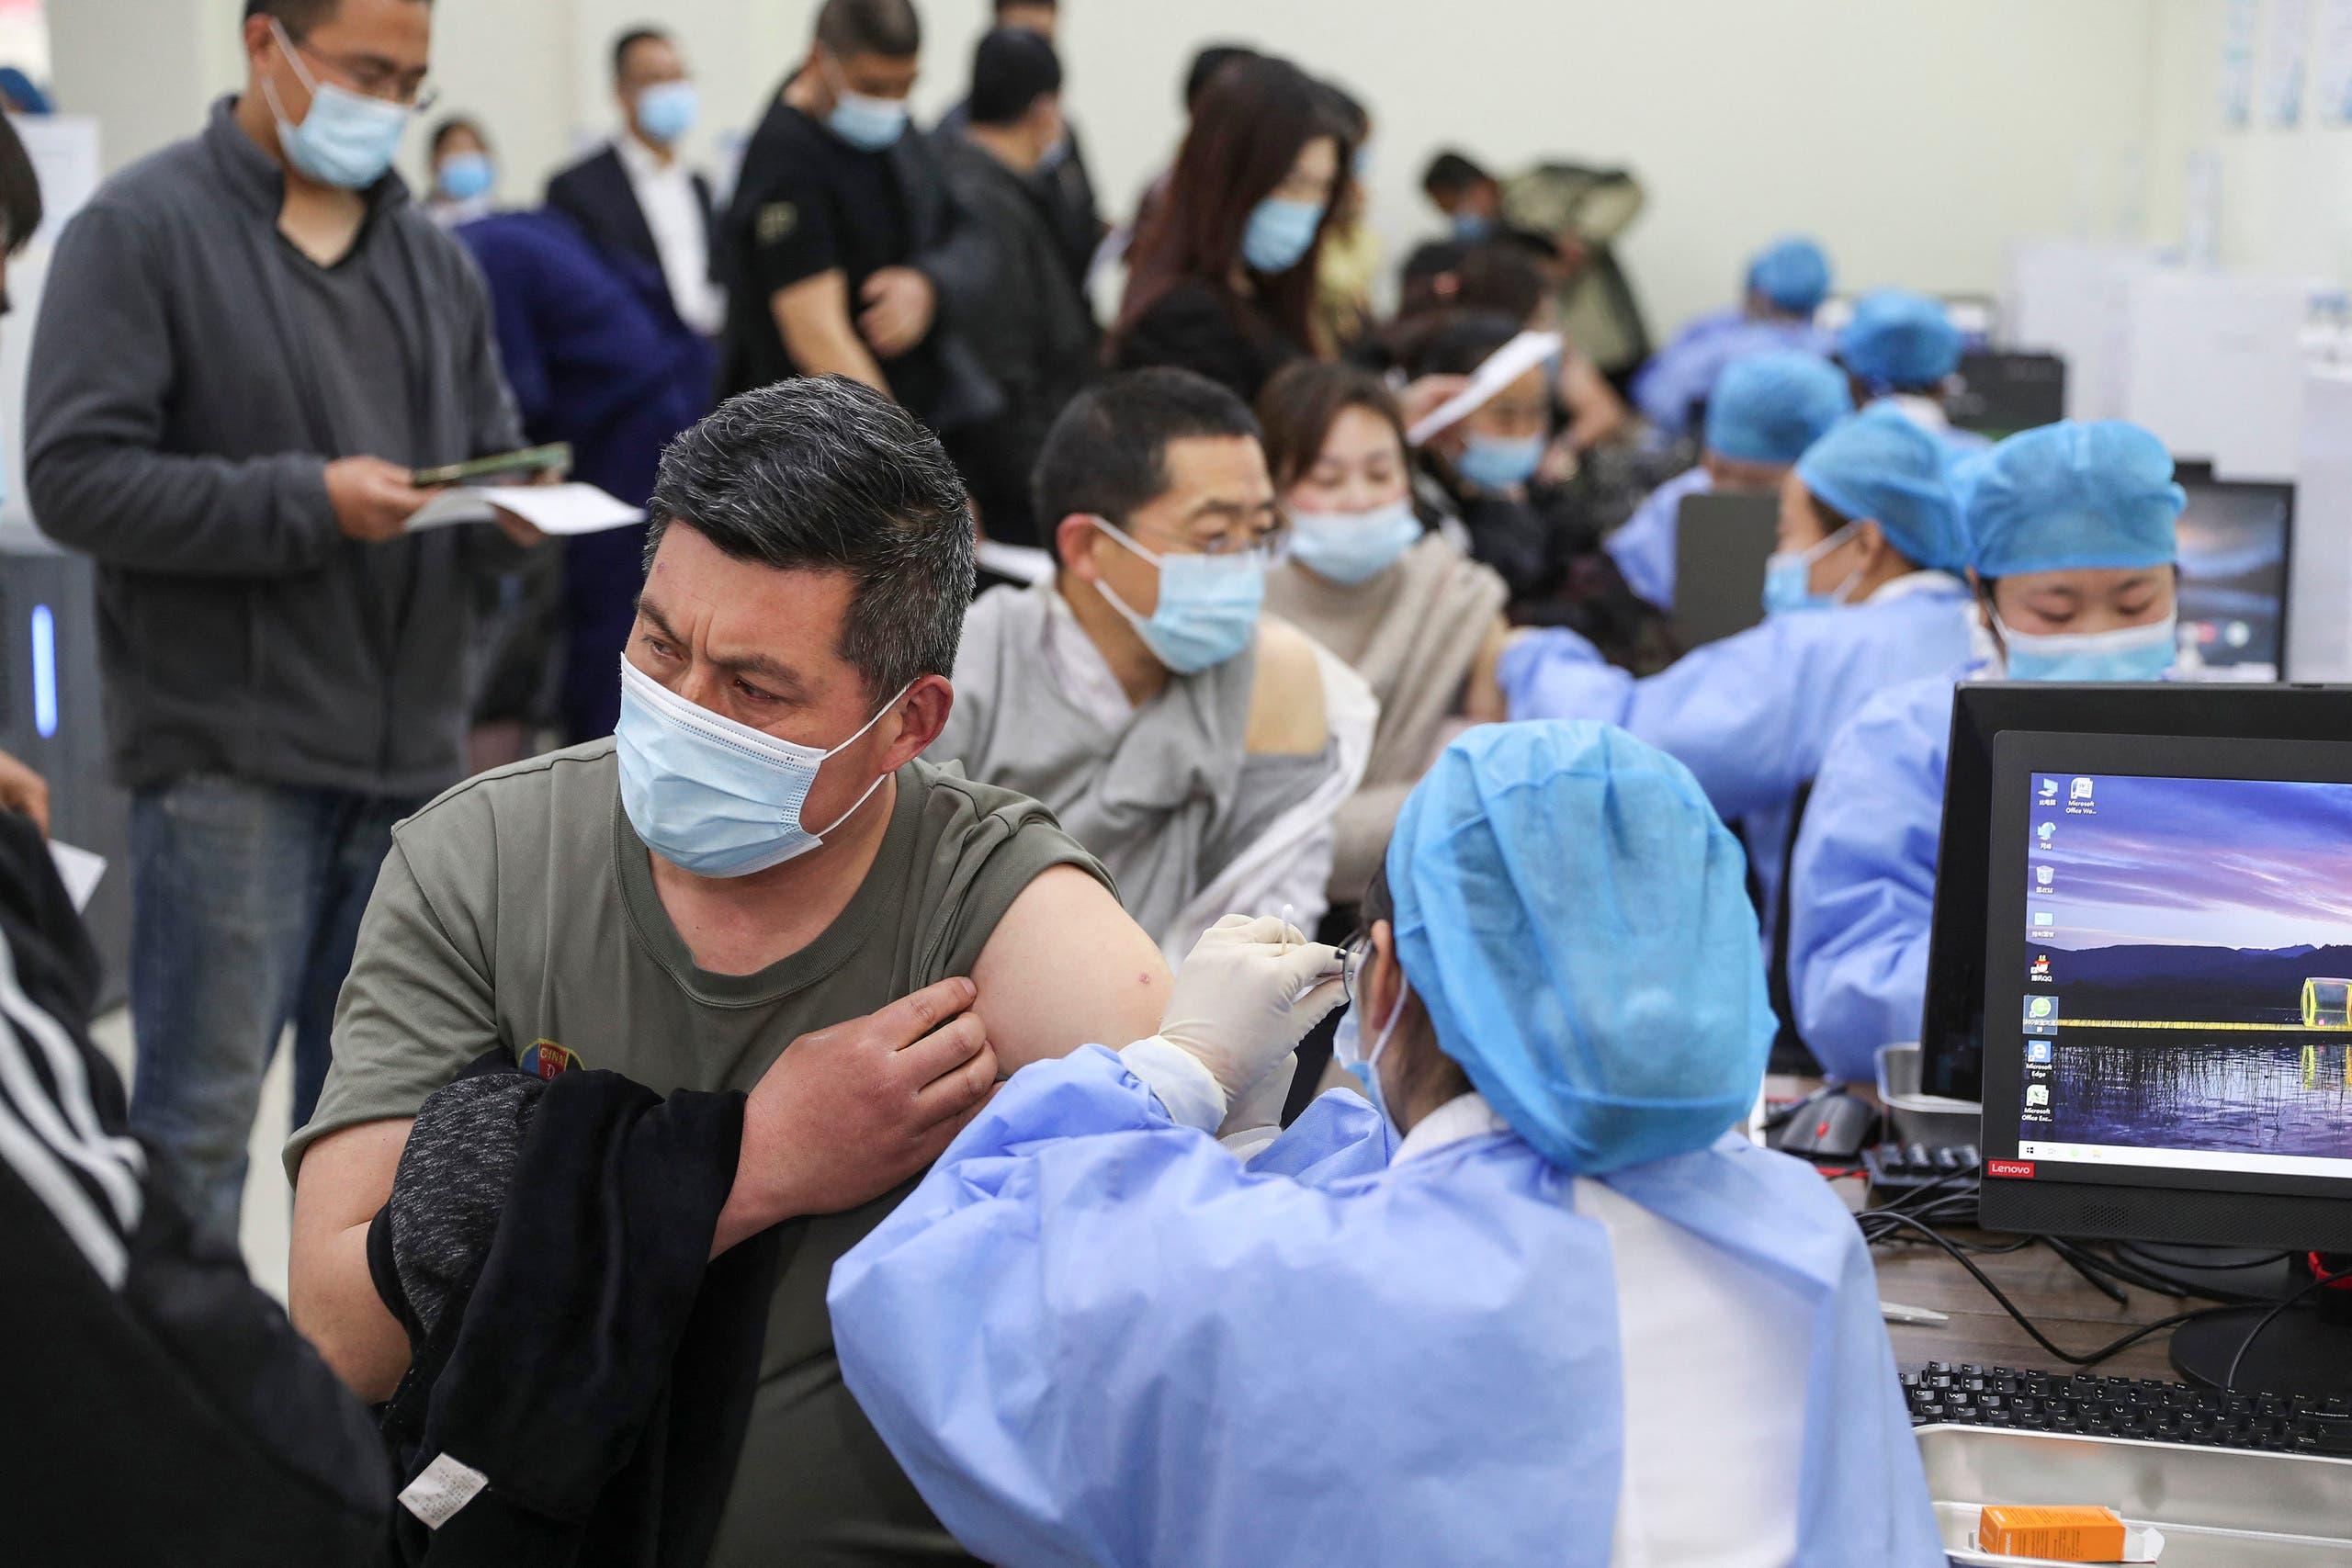 من حملة التطعيم في الصين